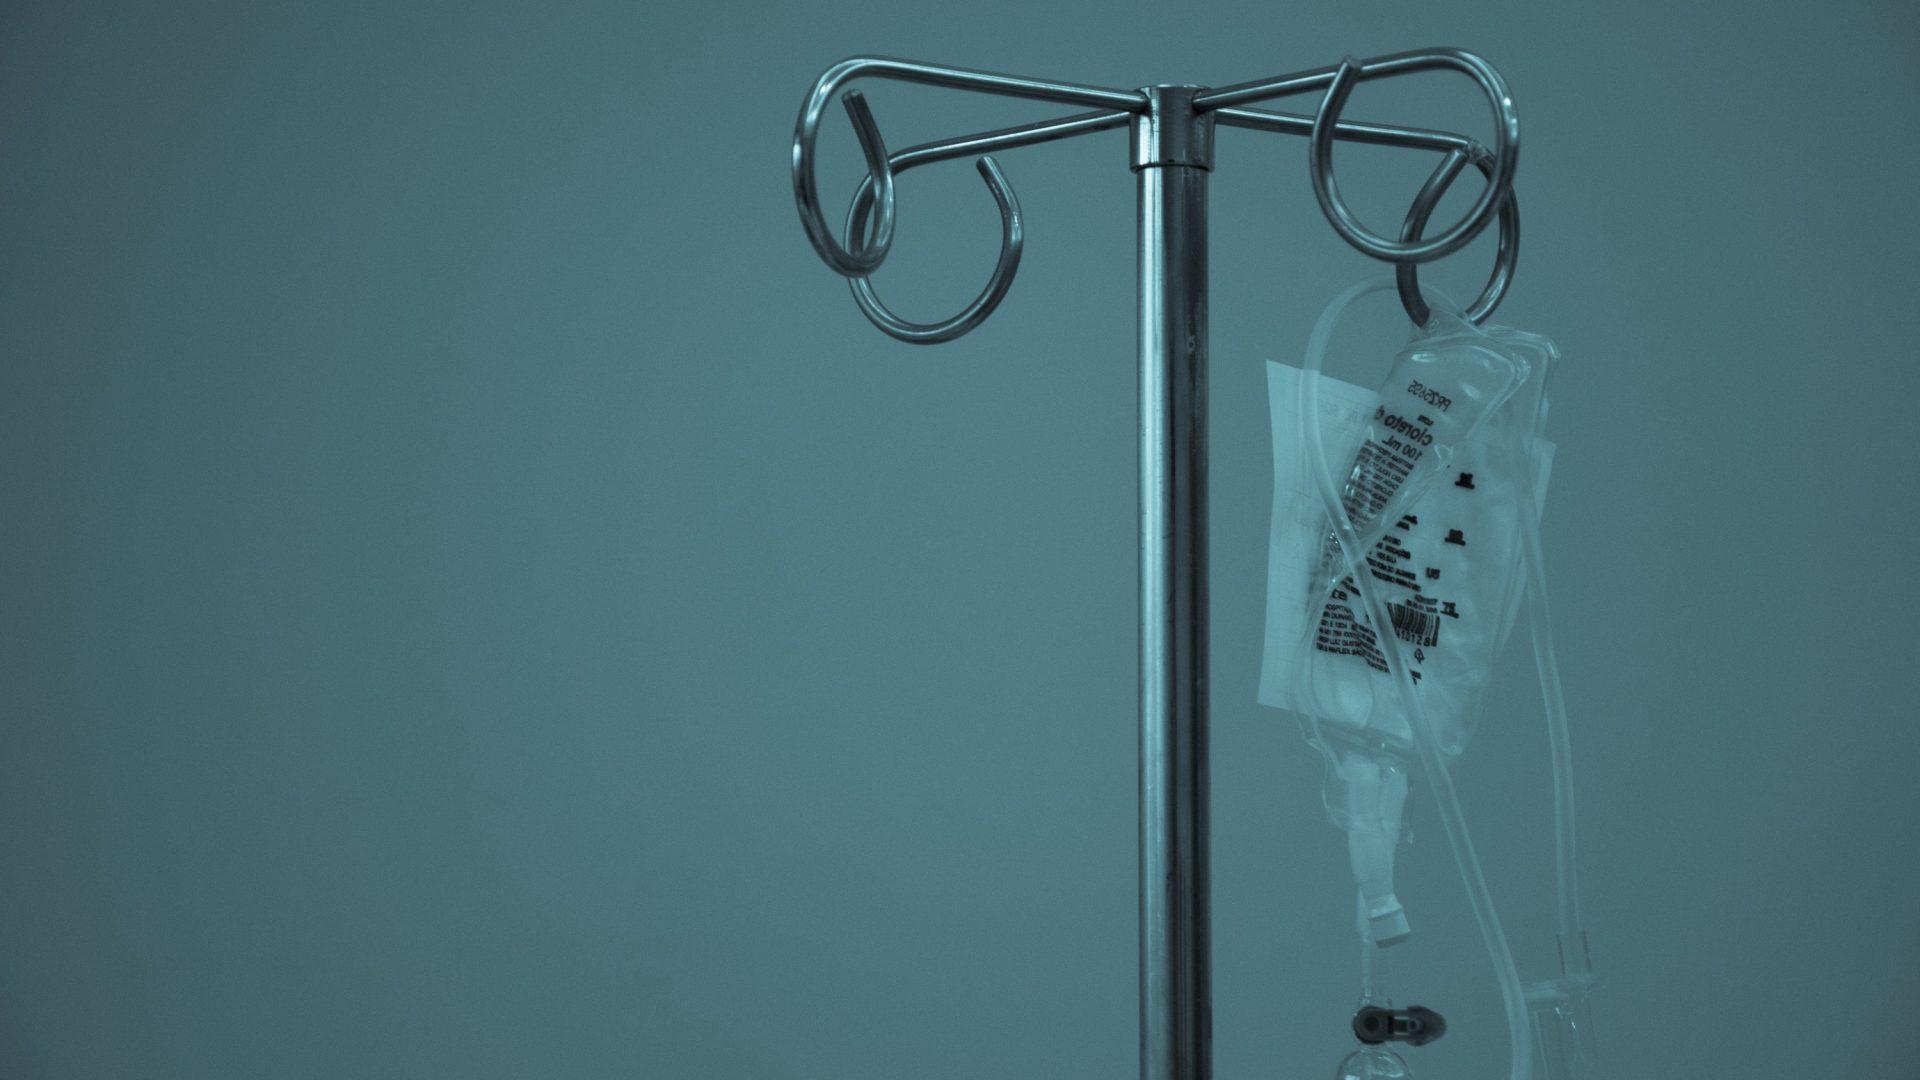 Chemotherapie ist ein beliebter Gegner von Anhängern der alternativen Medizin. (Symbolbild: Infusion)© Marcelo Leal / Unsplash